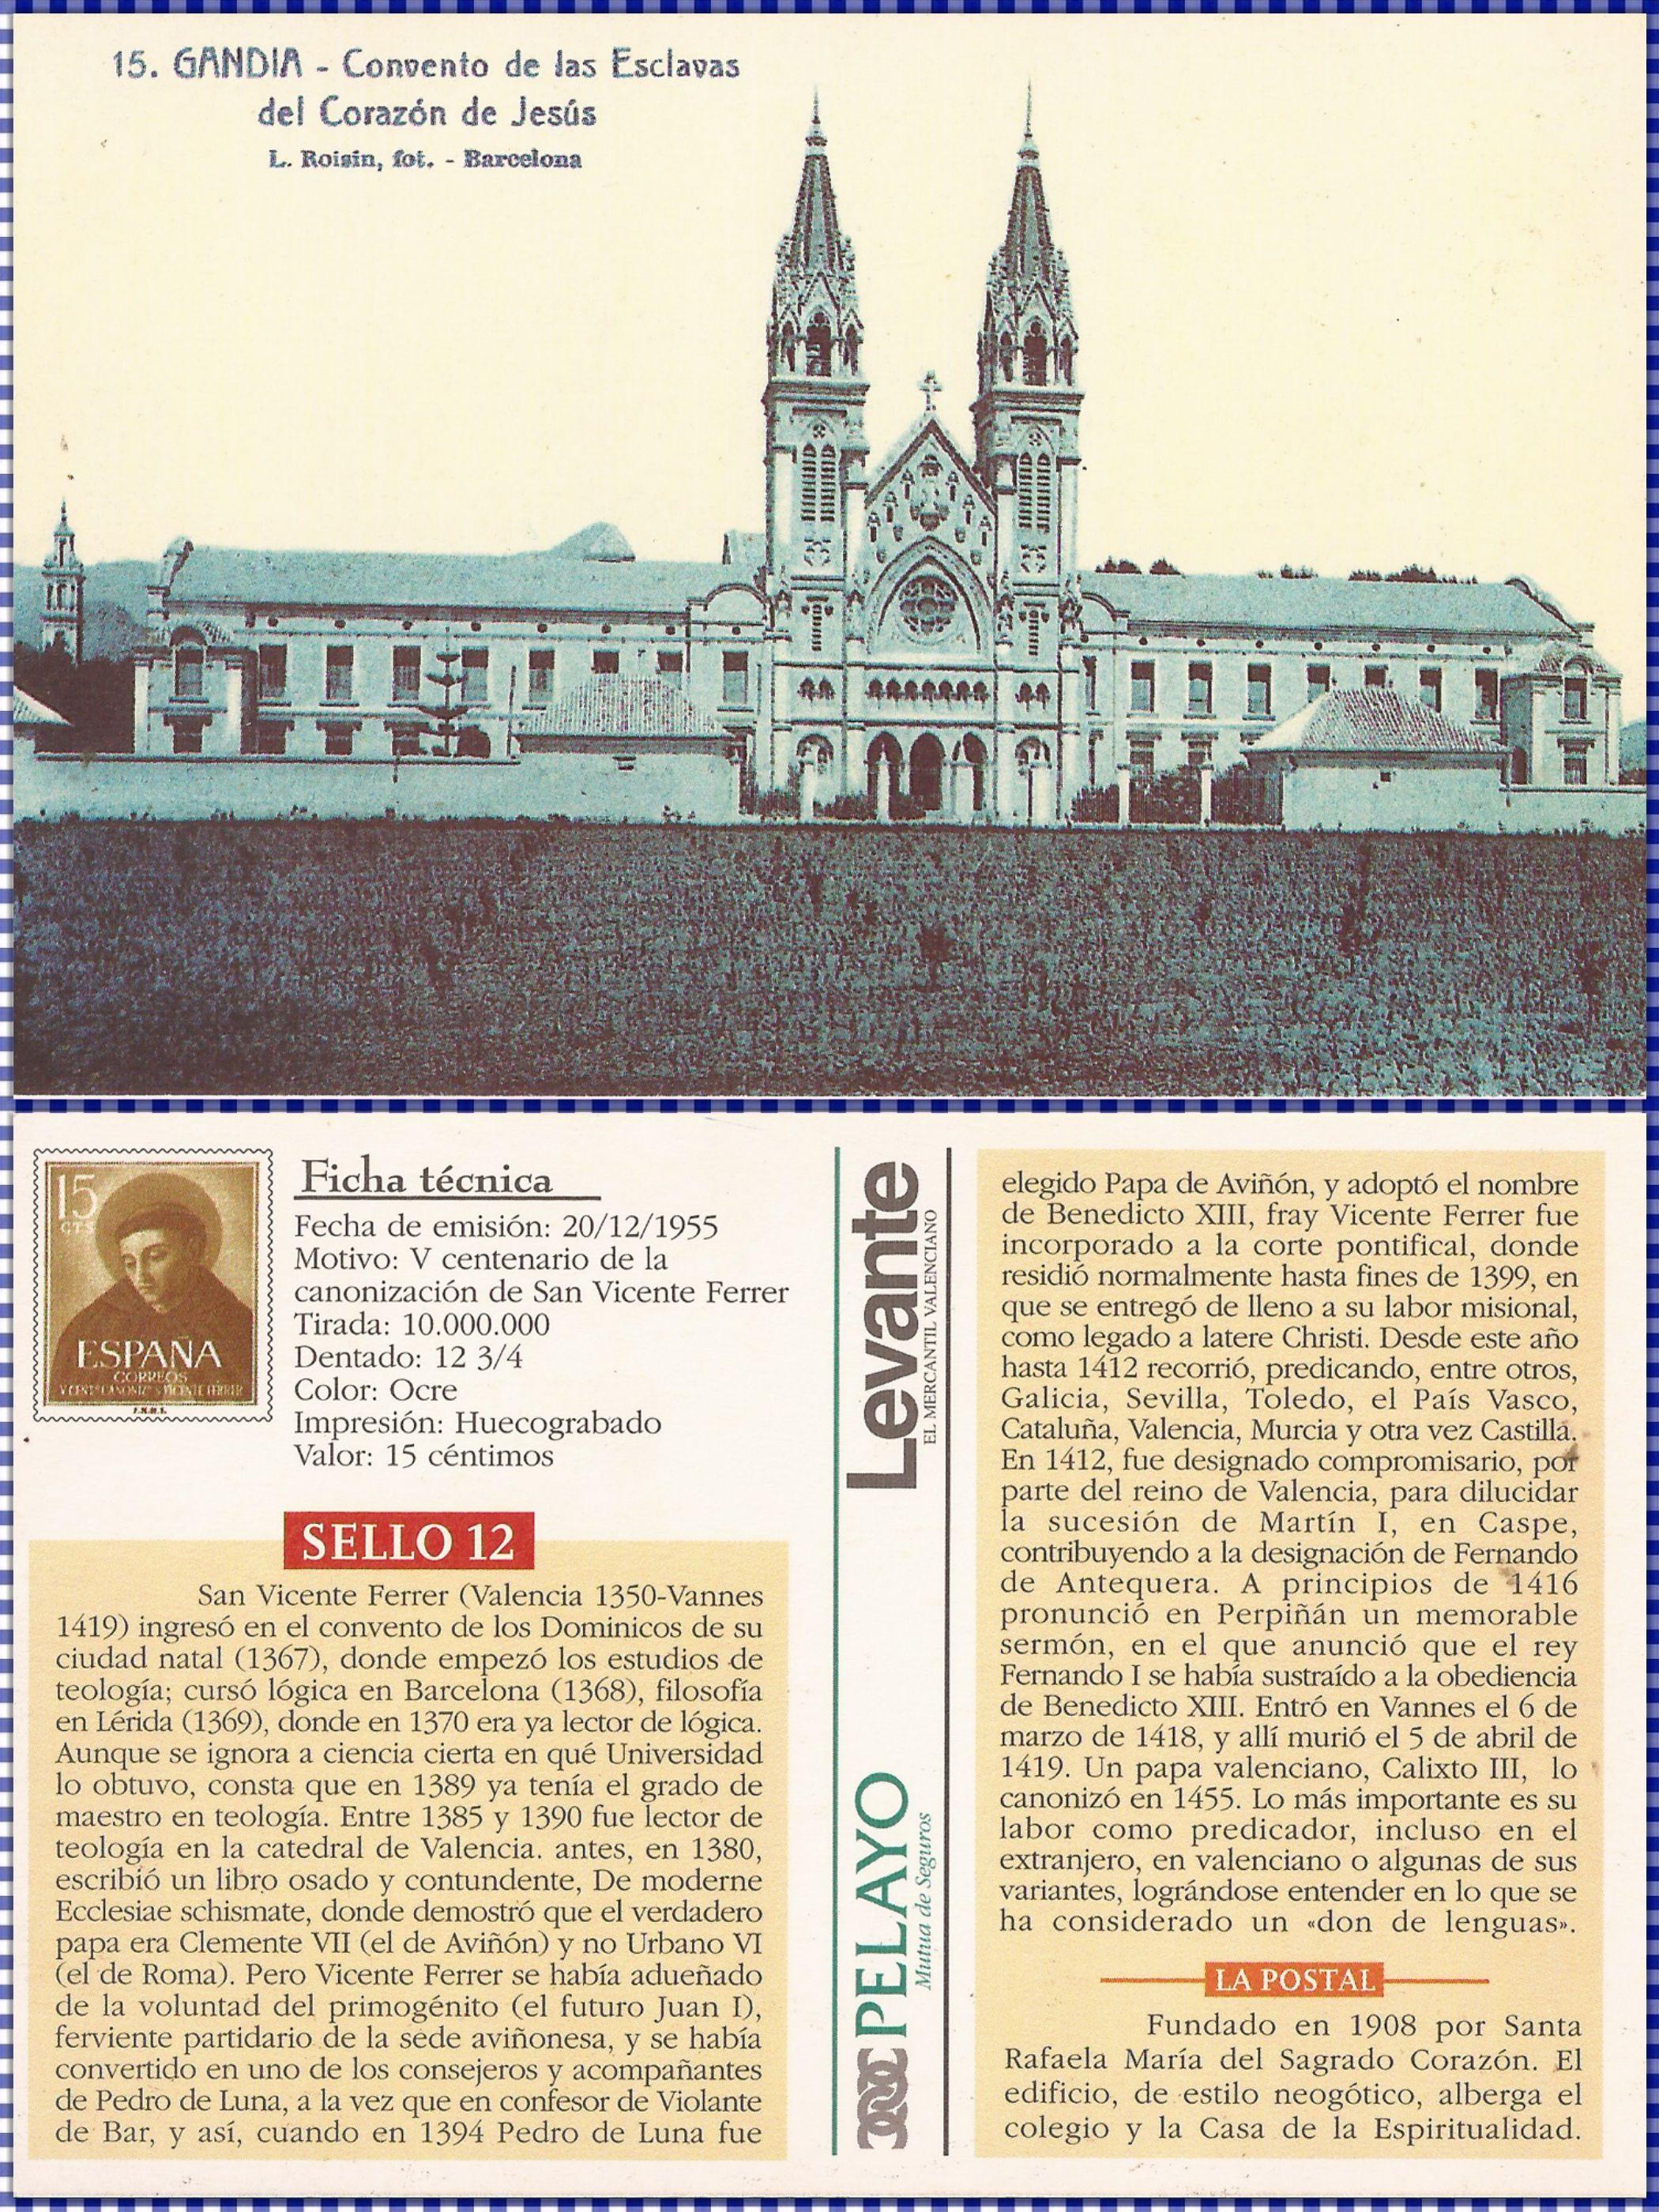 Convento de las esclavas del corazón de Jesus, Gandia 1908